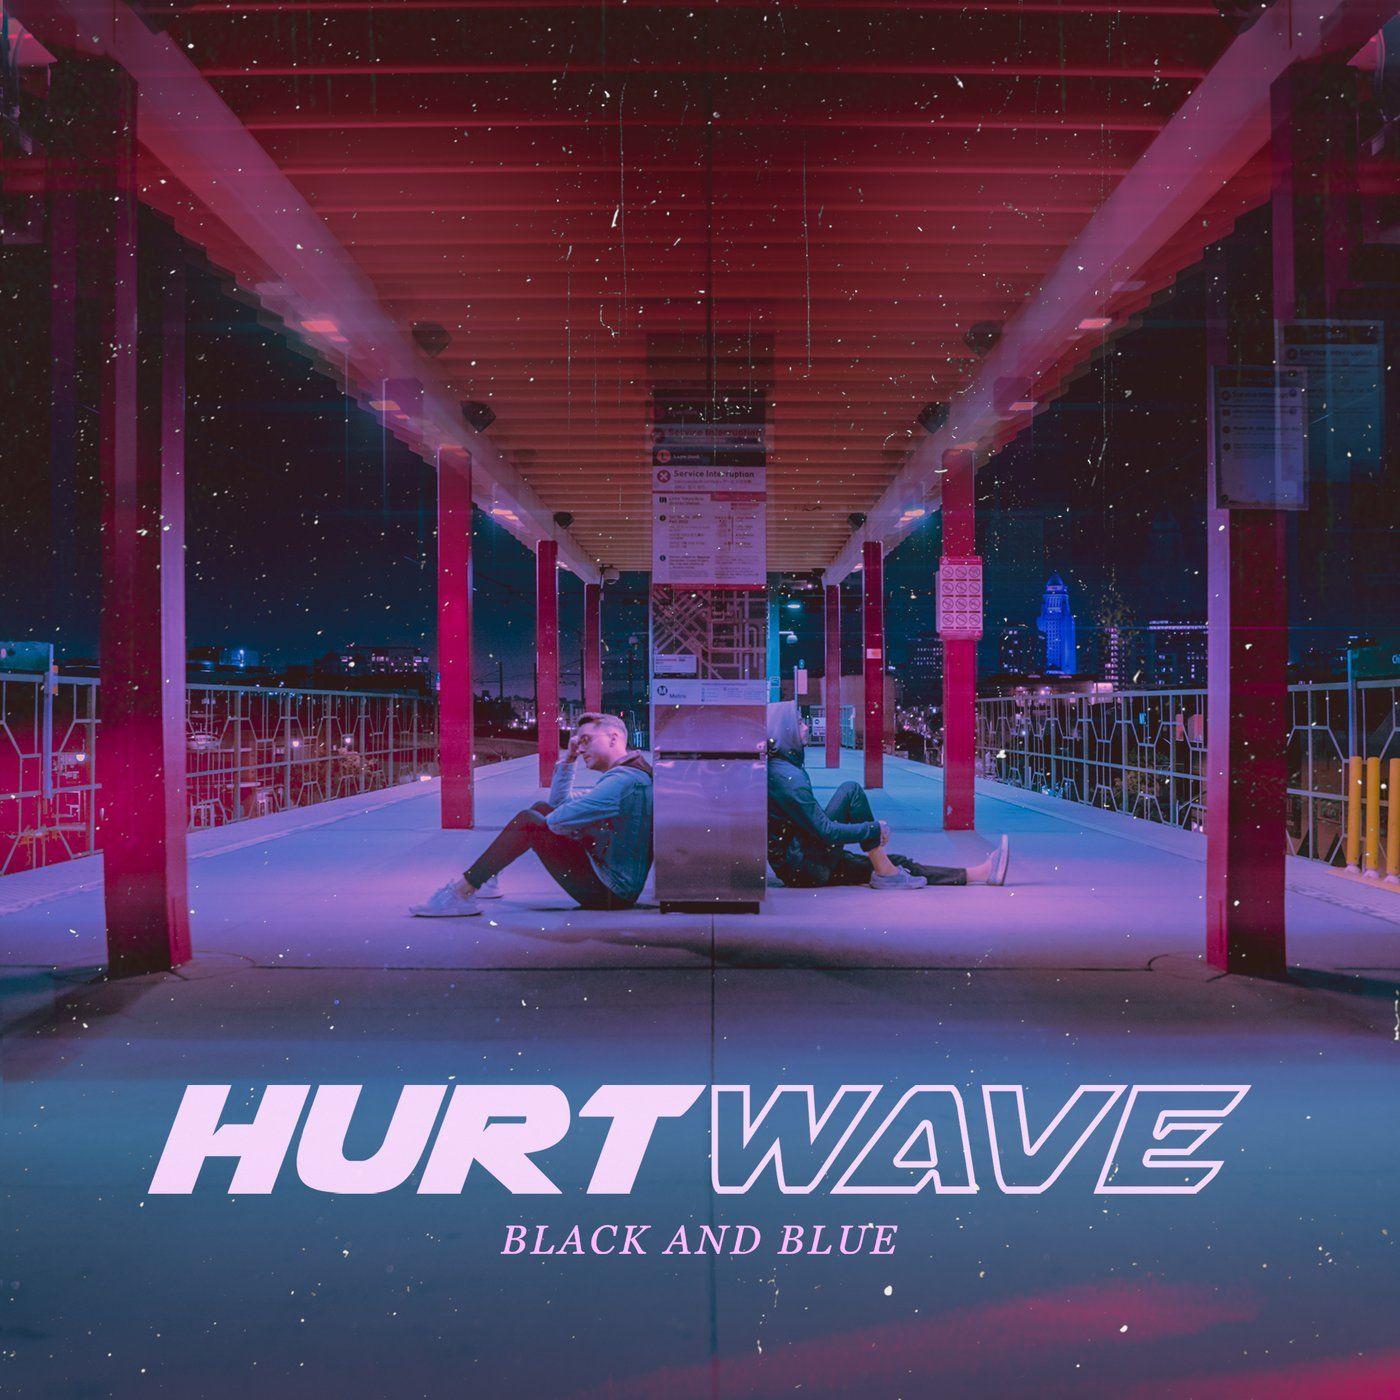 Hurtwave - Black and Blue [single] (2021)